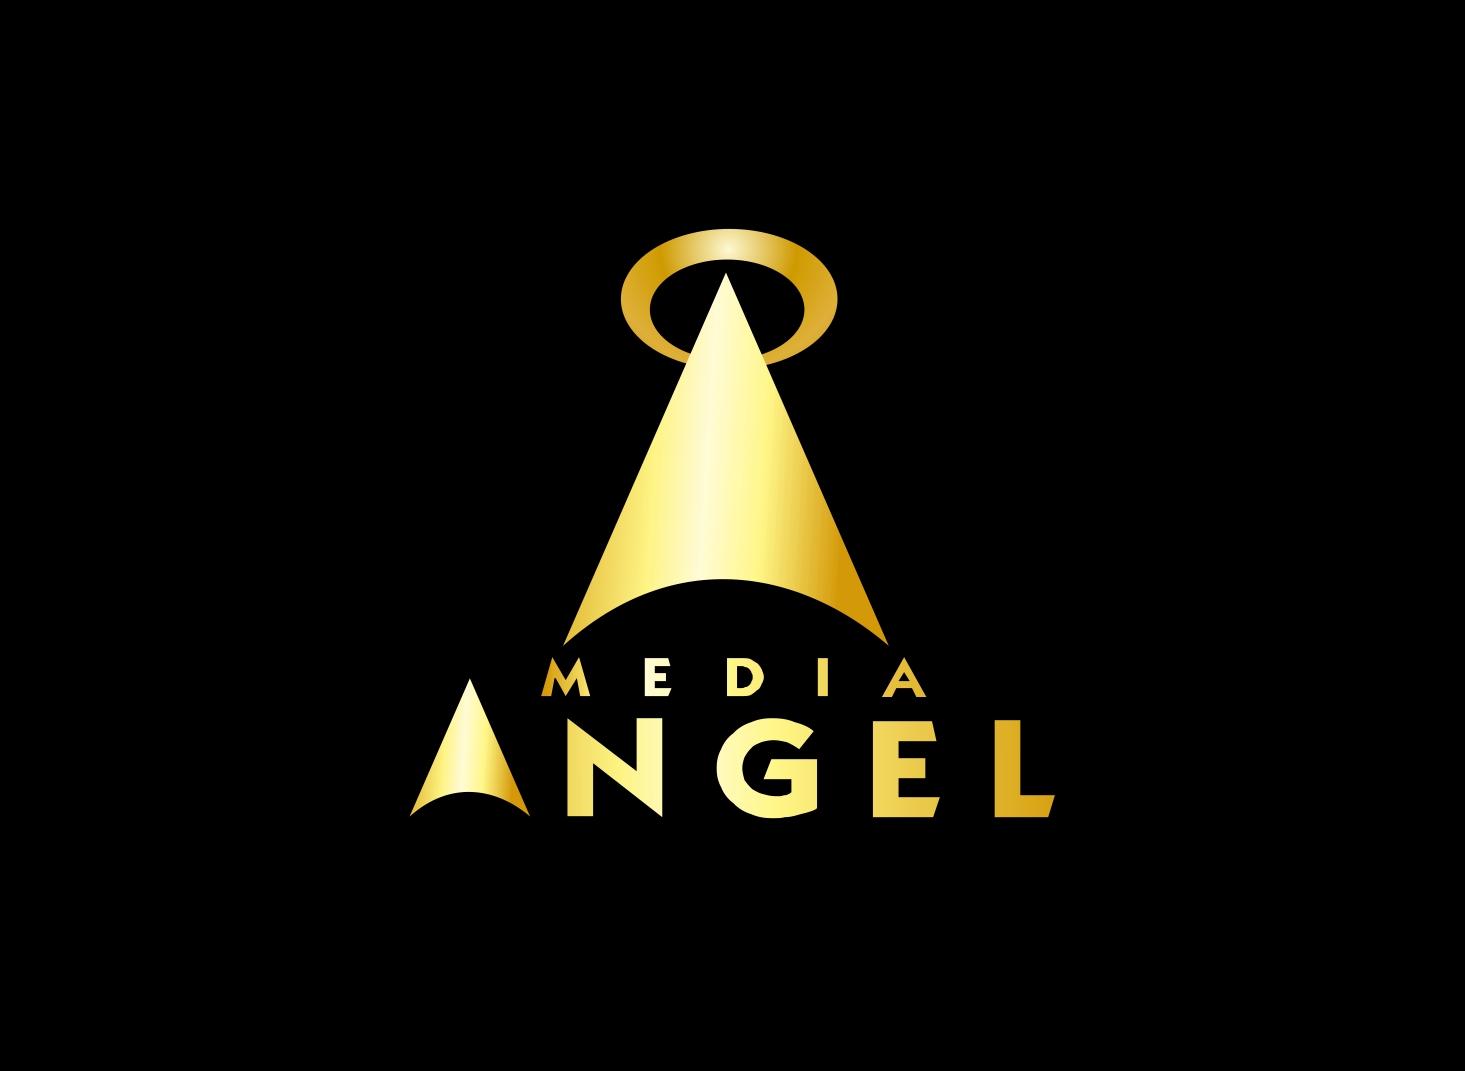 Logo Design by Zdravko Krulj - Entry No. 115 in the Logo Design Contest New Logo Design for Media Angels.